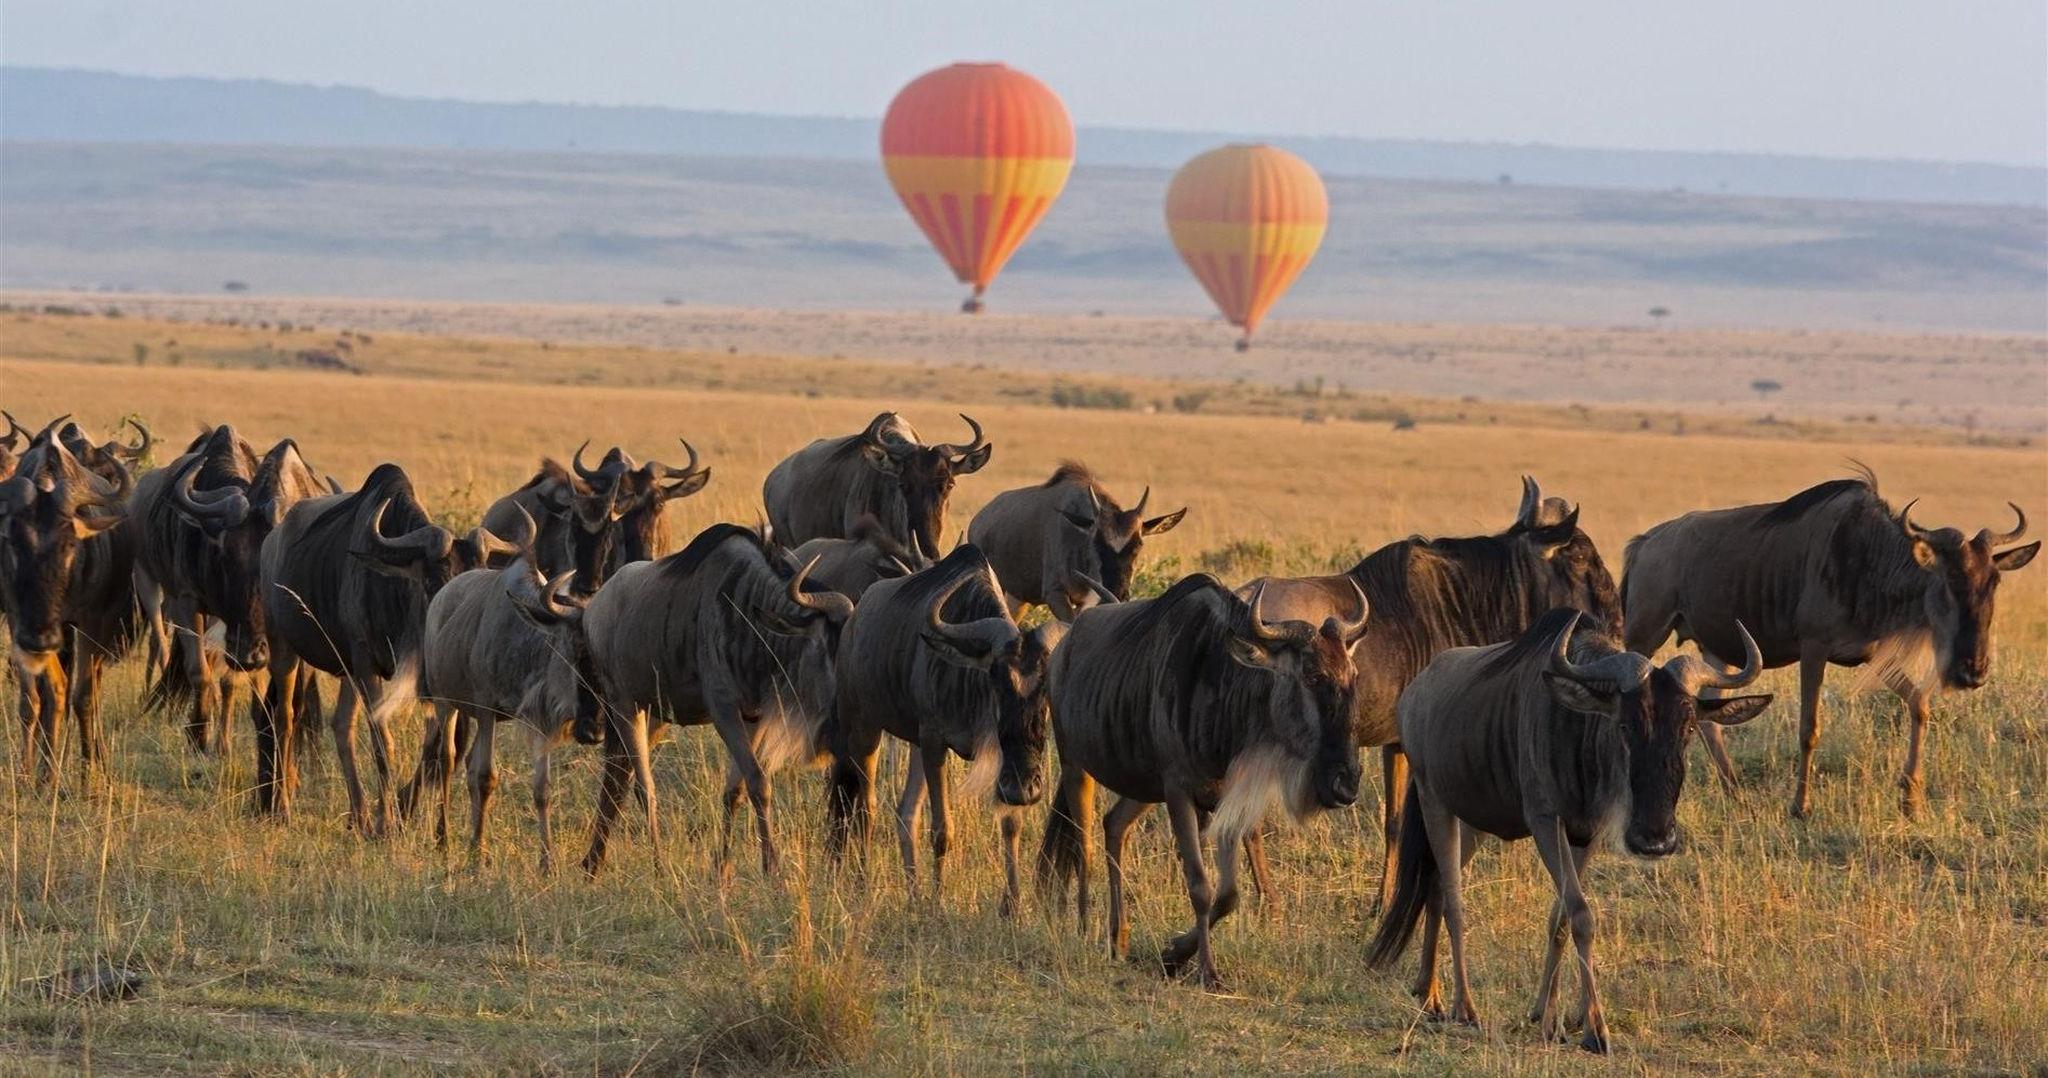 Manada de ñus en el Masái Mara de Kenia y globos a la distancia